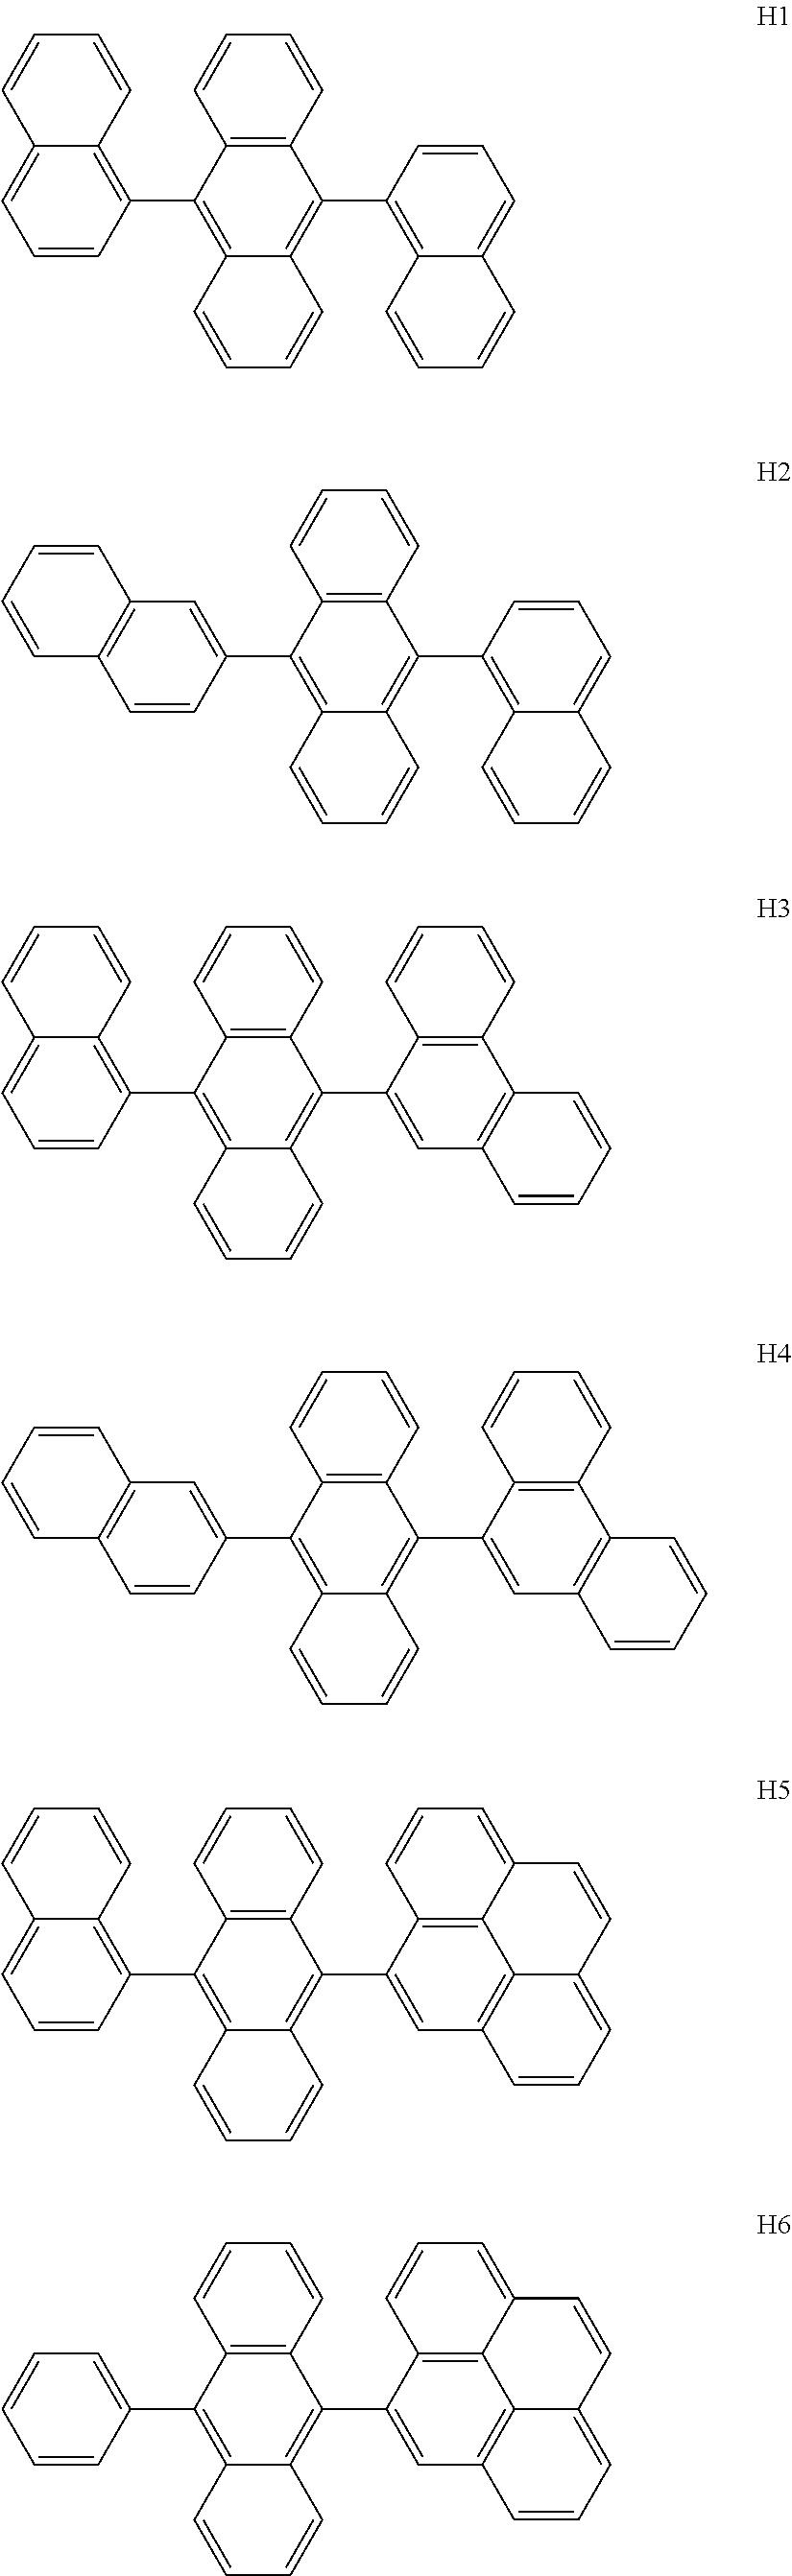 Figure US20160155962A1-20160602-C00232